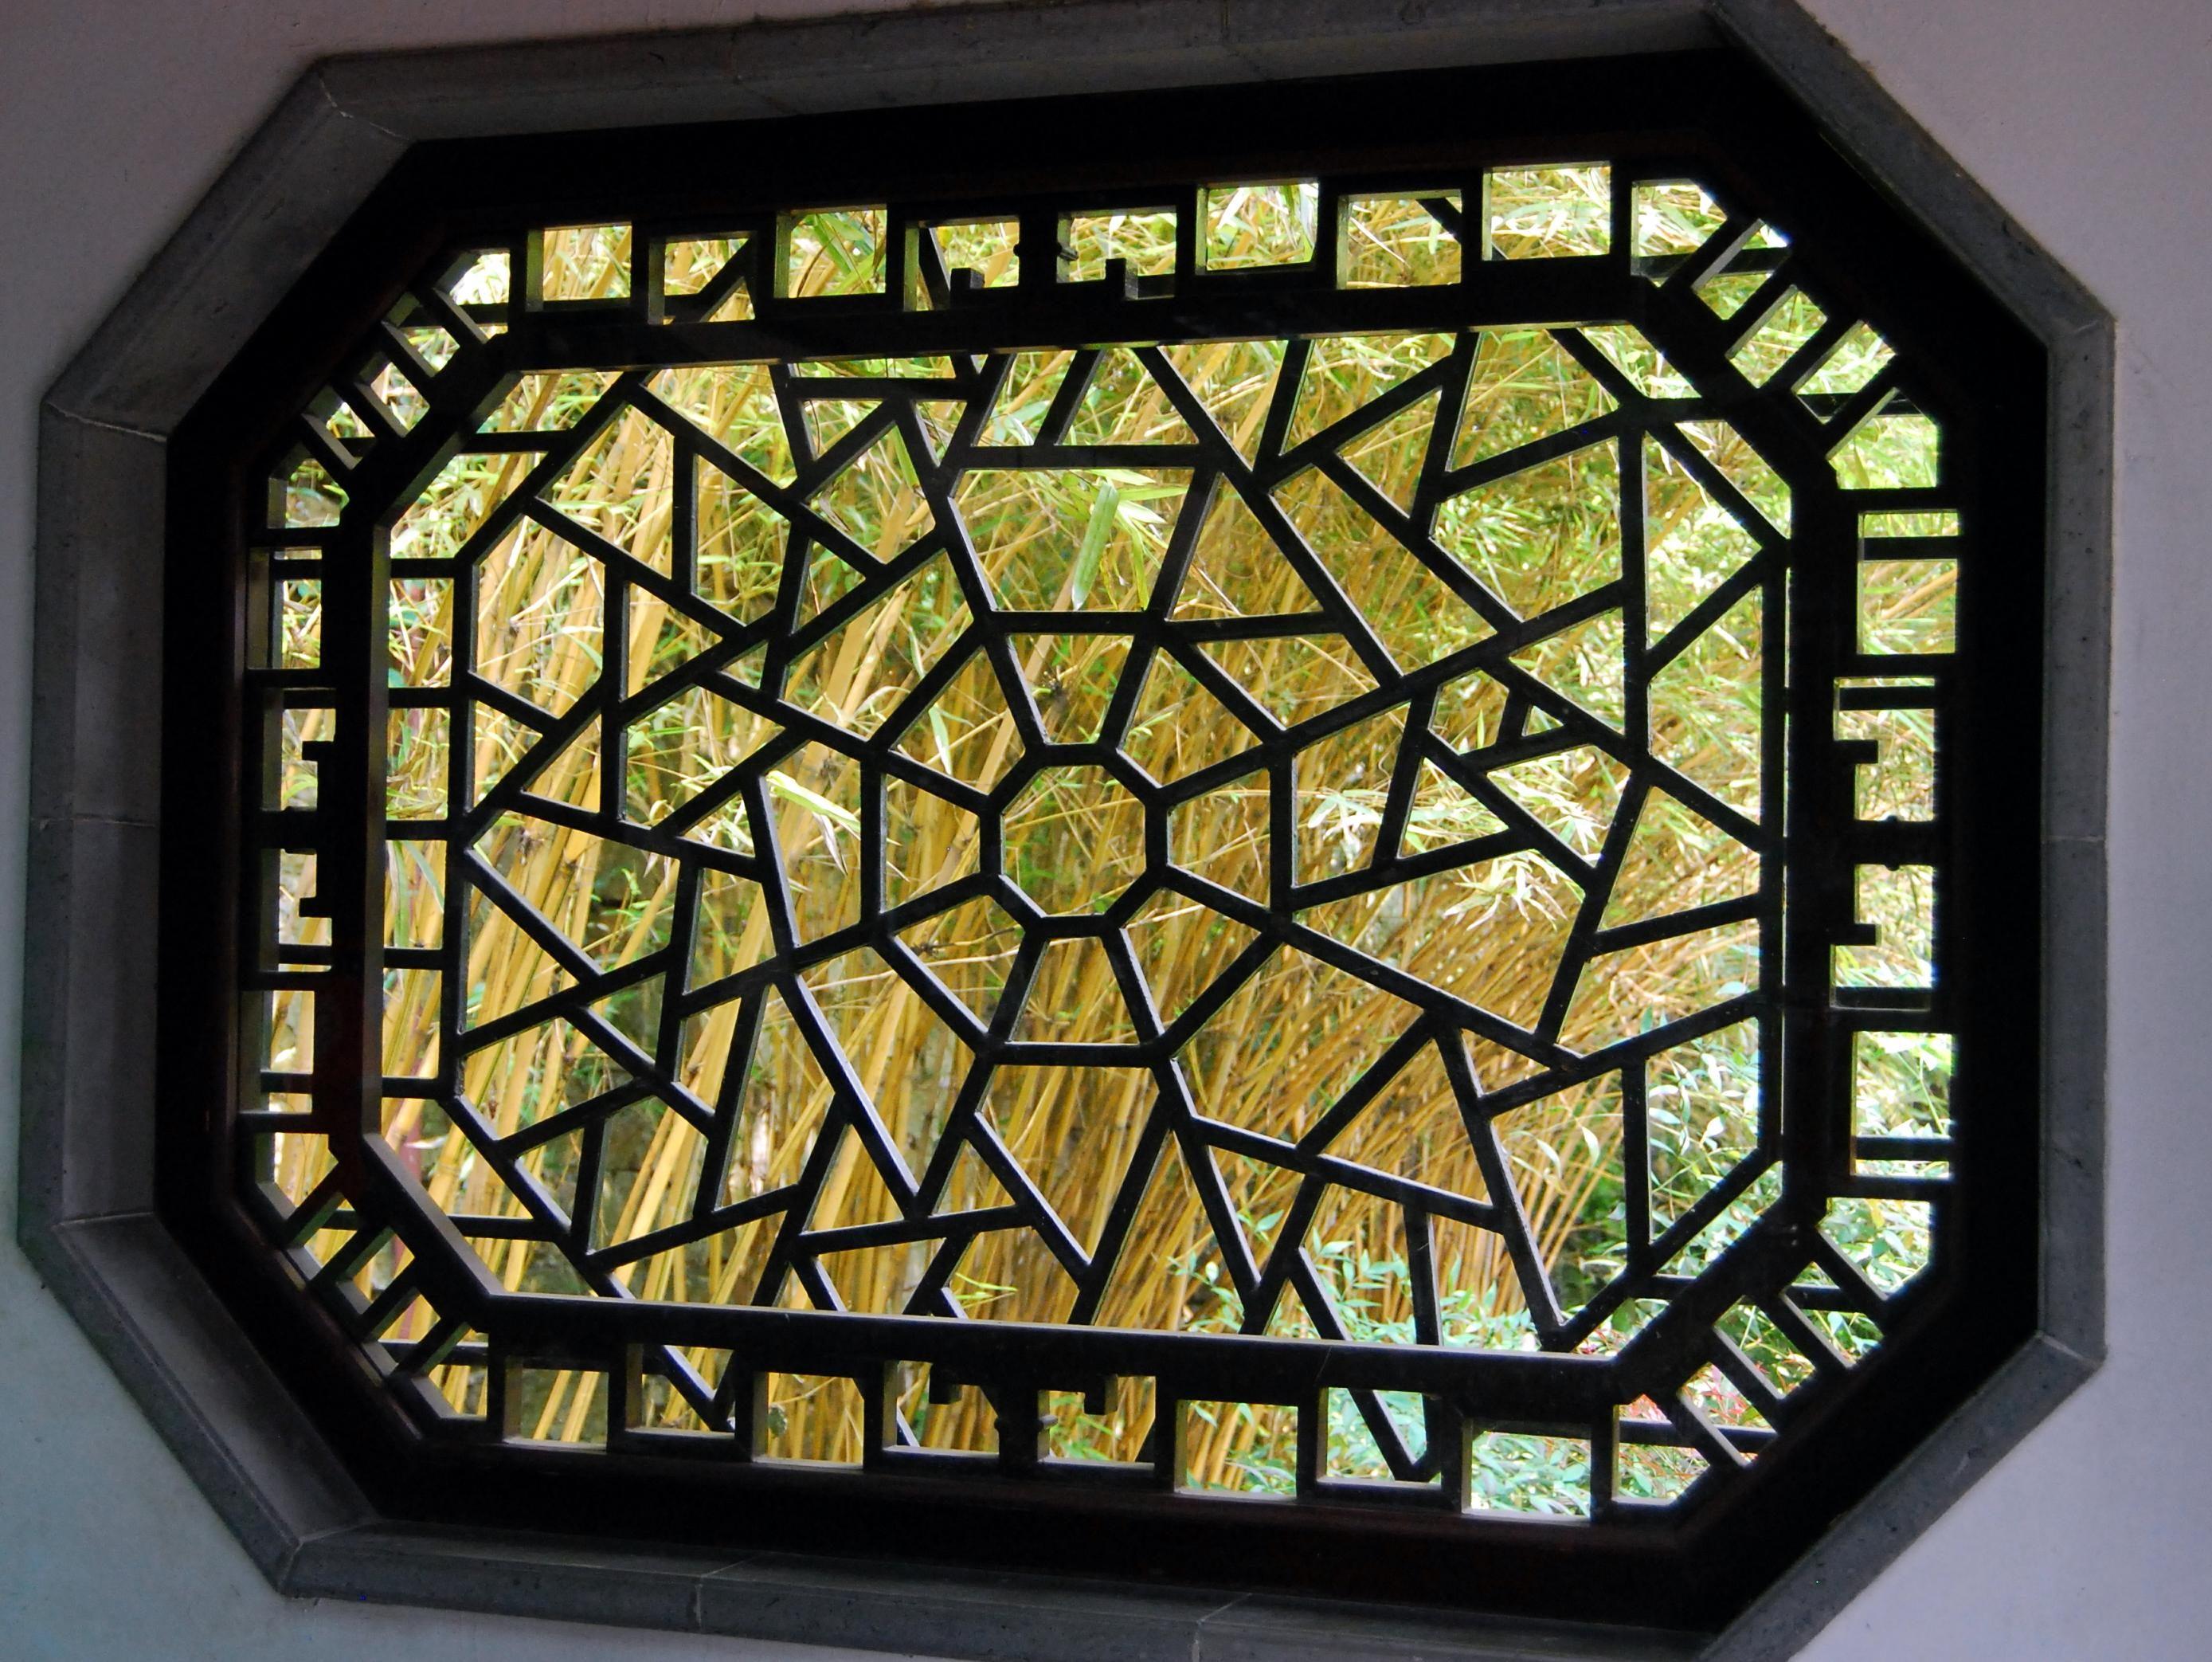 Kostenlose Bild: Design, Fenster, Rahmen, Fenster, Kunst ...